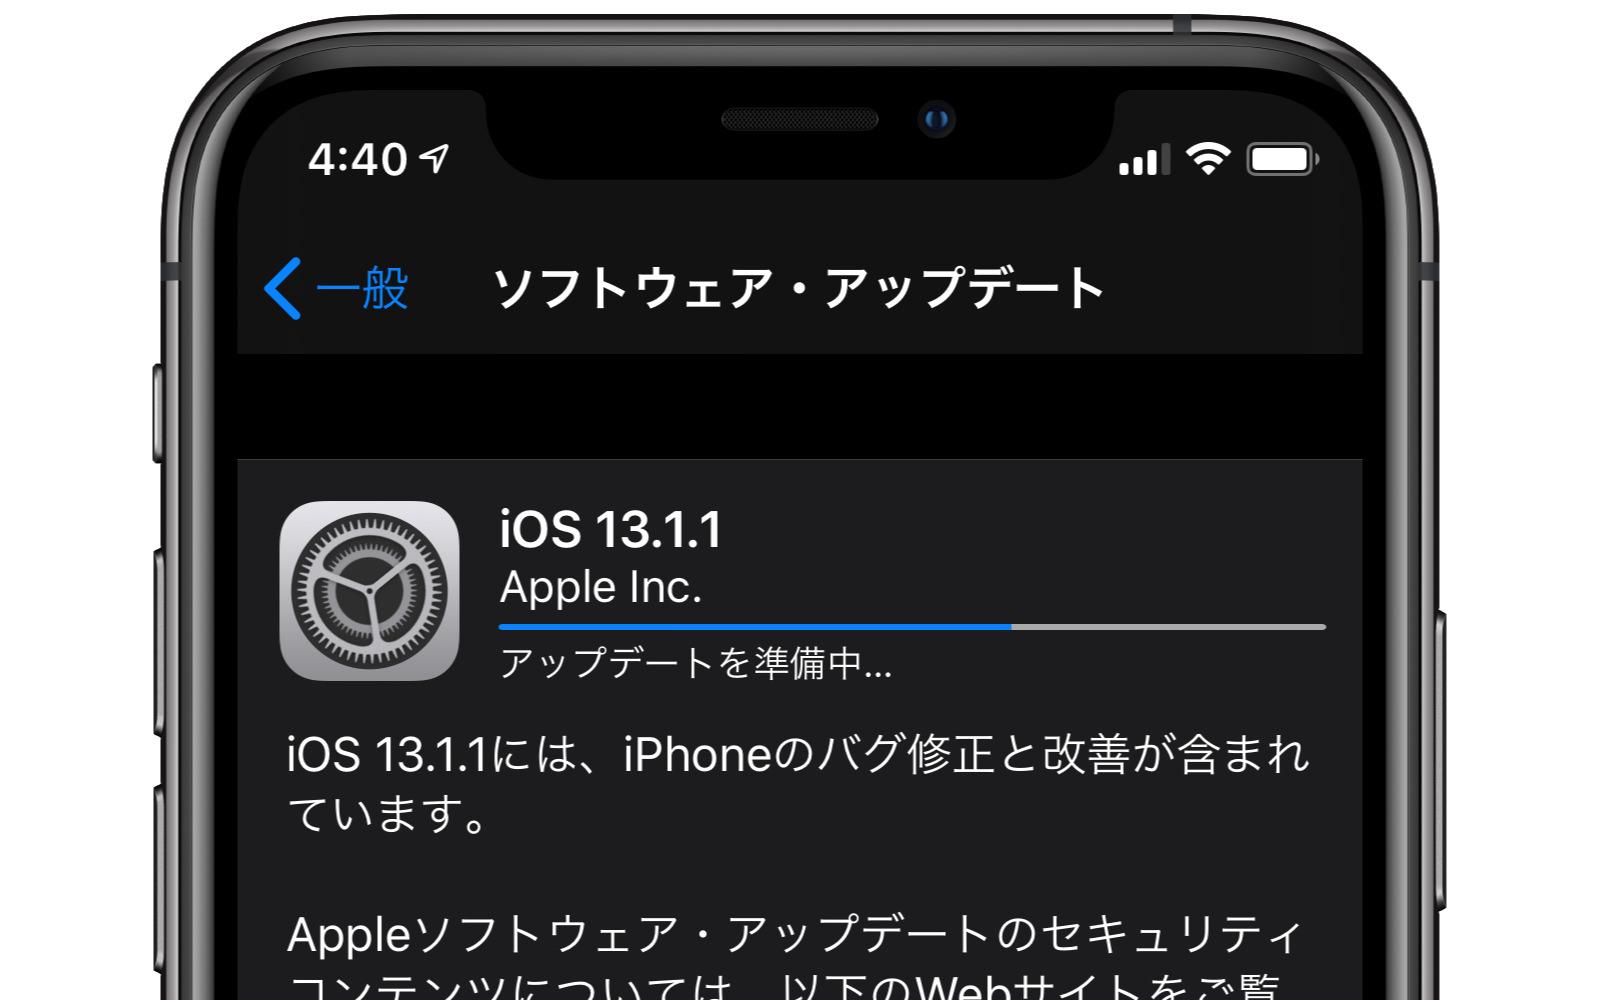 IOS 13 1 1 Update